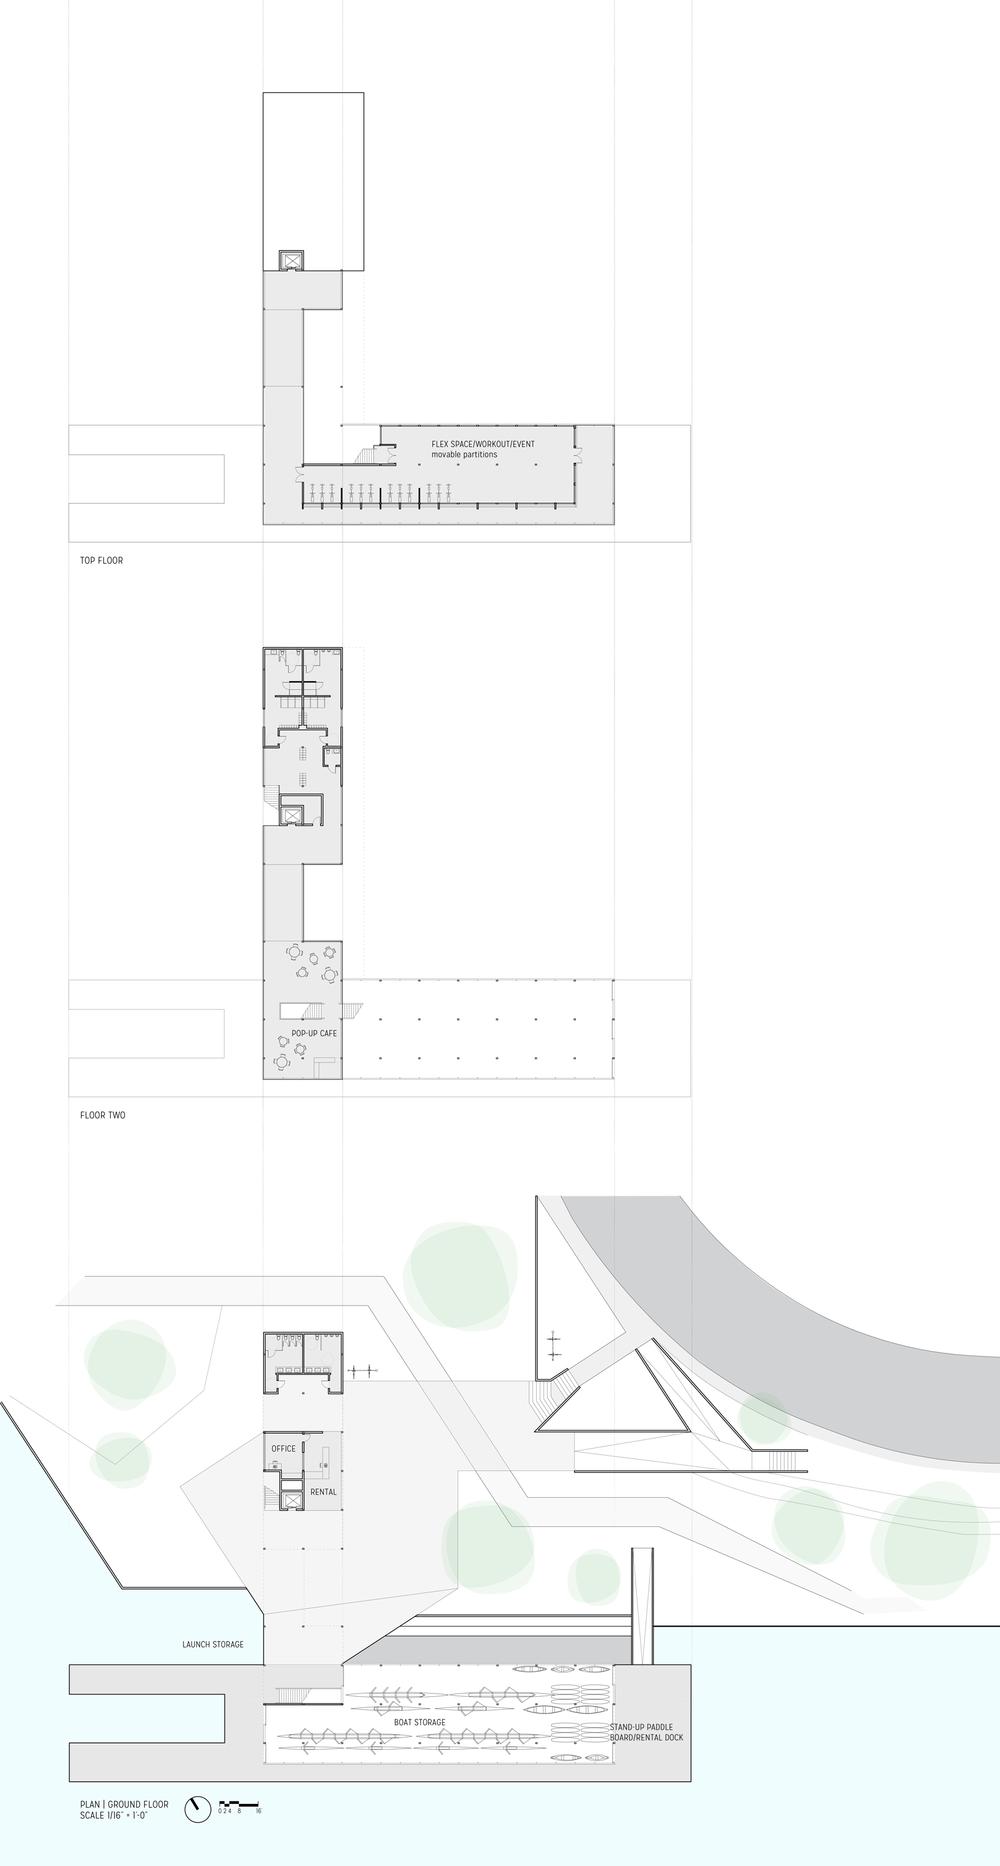 floor_plans.png